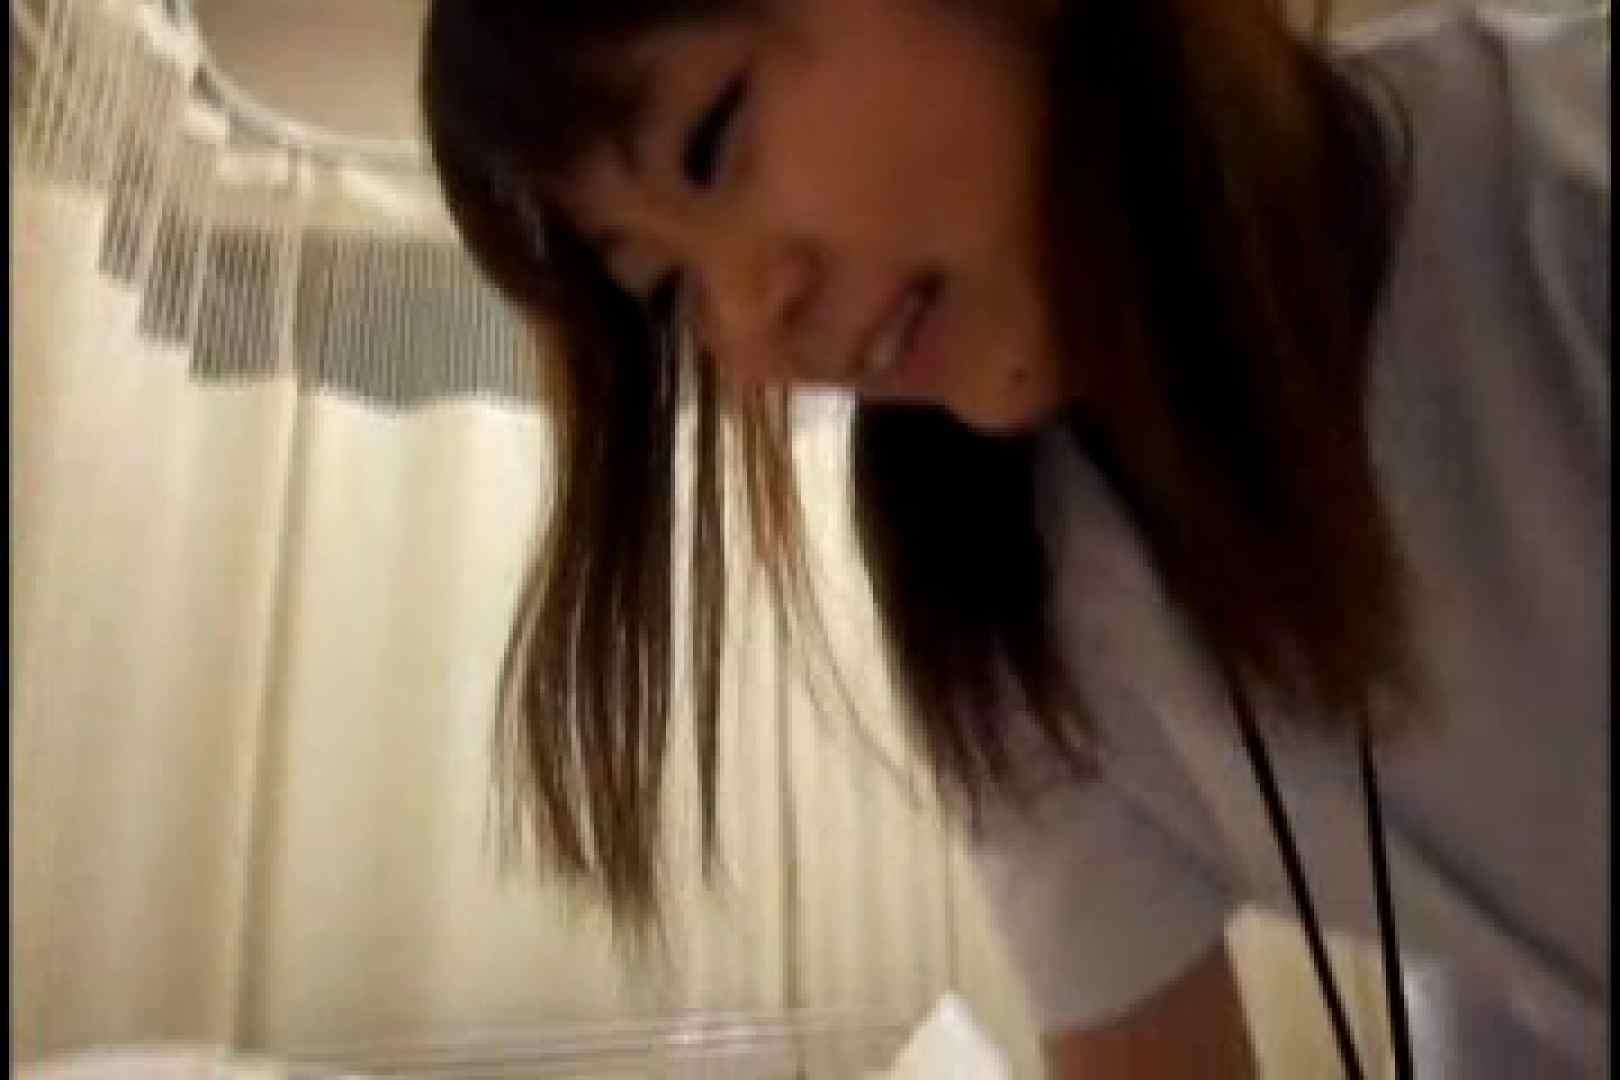 ヤリマンと呼ばれた看護士さんvol1 卑猥  71枚 40